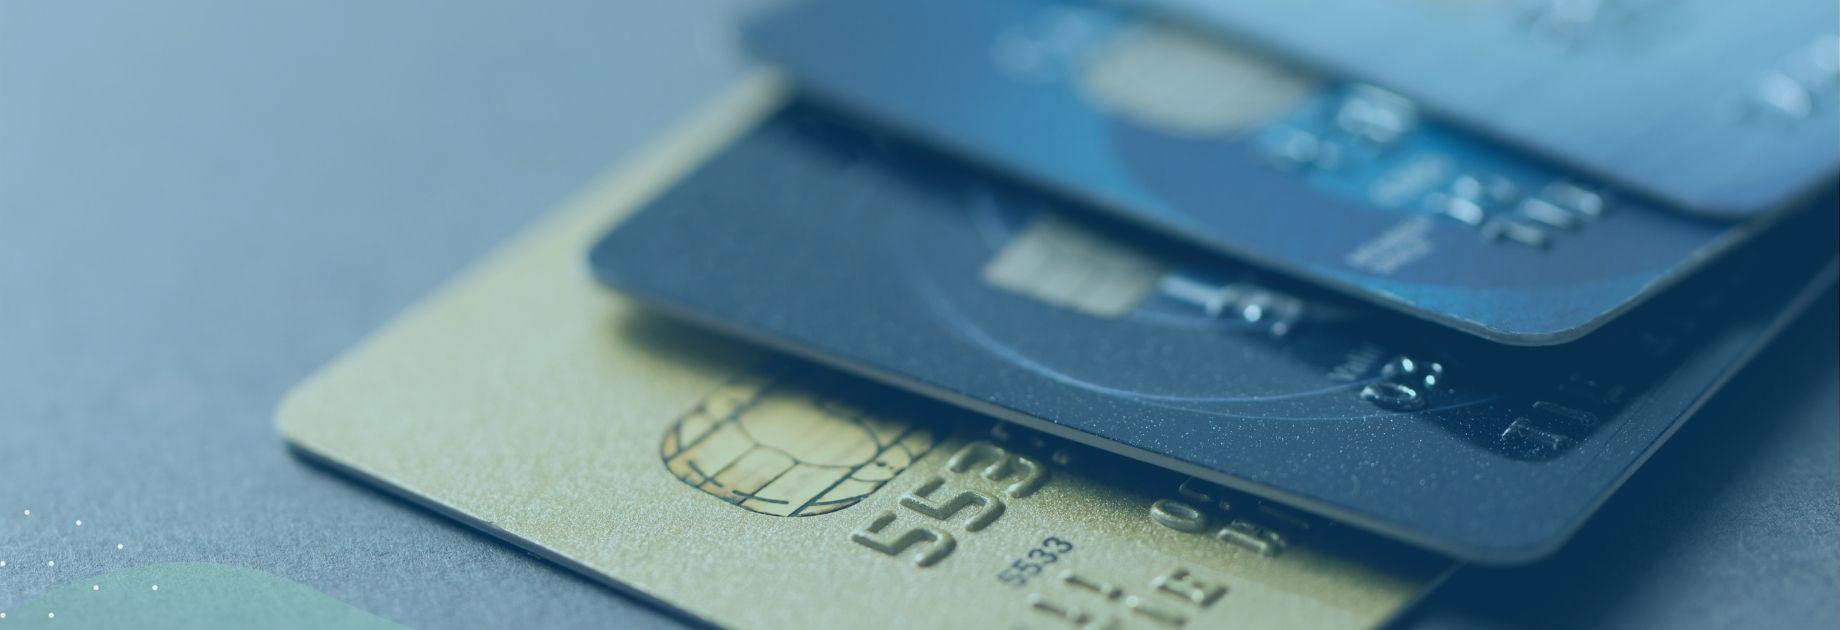 Kreditkartentransaktionen